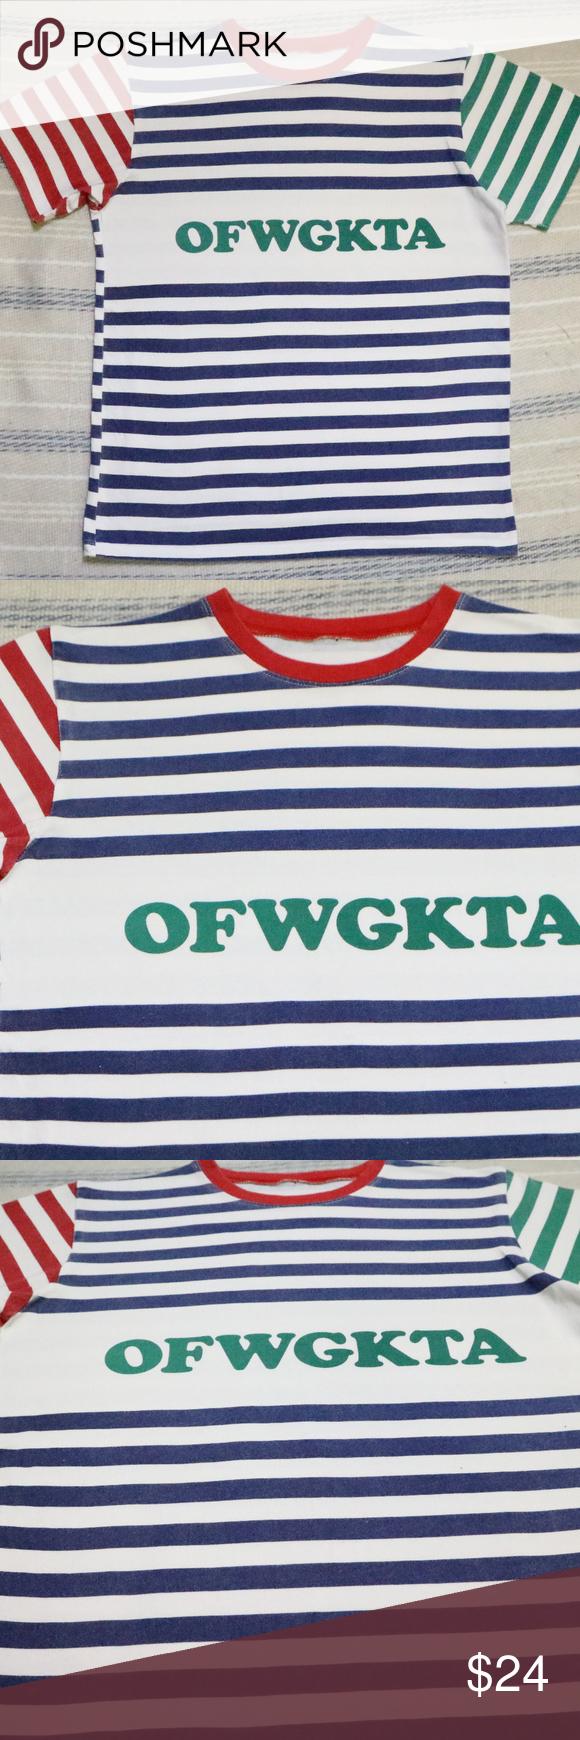 9da603494f95 ODD FUTURE OFWGKTA Colorblock Striped Tee T-shirt Excellent condition